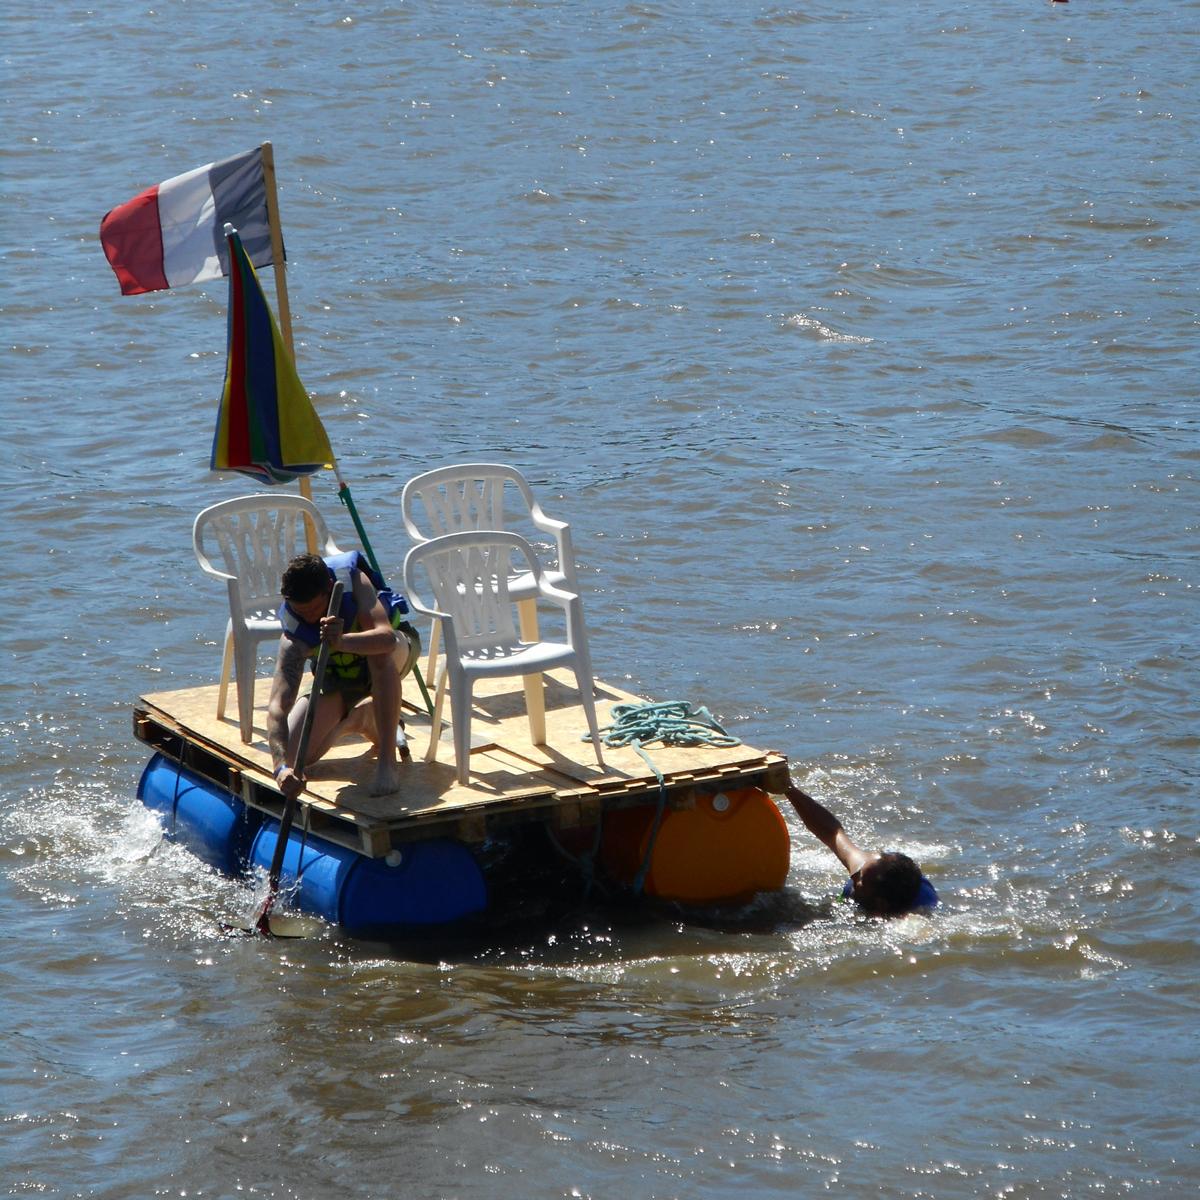 Course de radeaux à Vichy - juin 2017